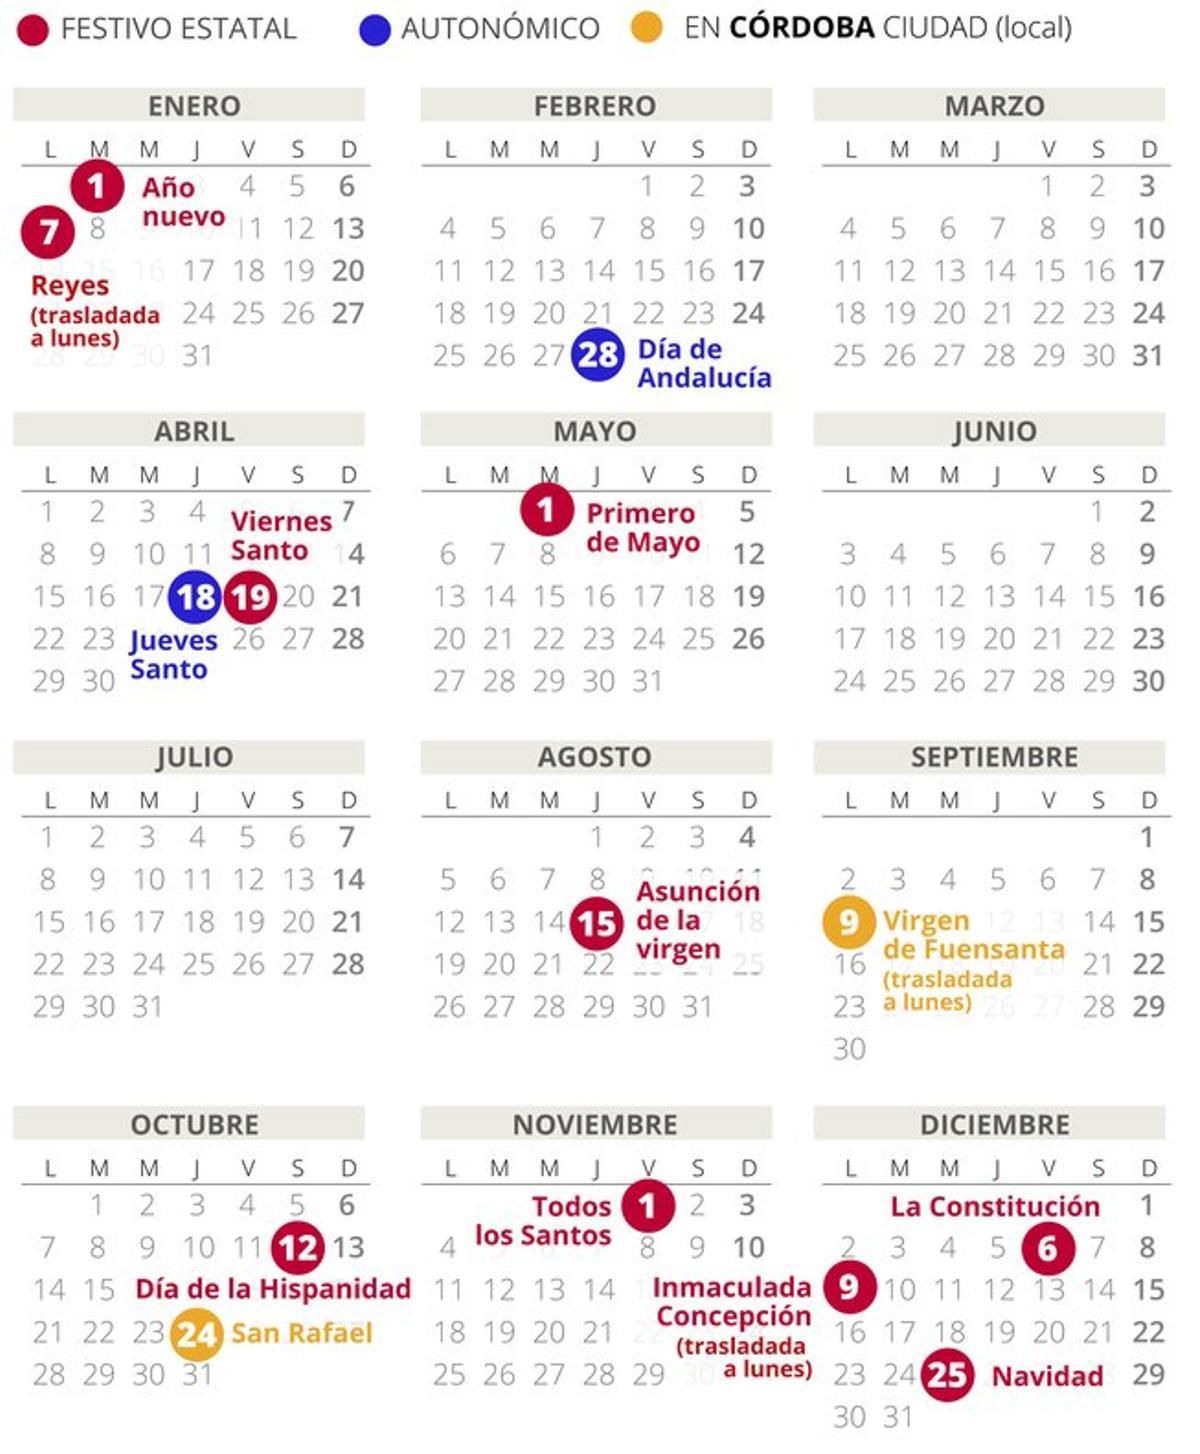 Calendario laboral de Córdoba del 2019 (con todos los festivos)